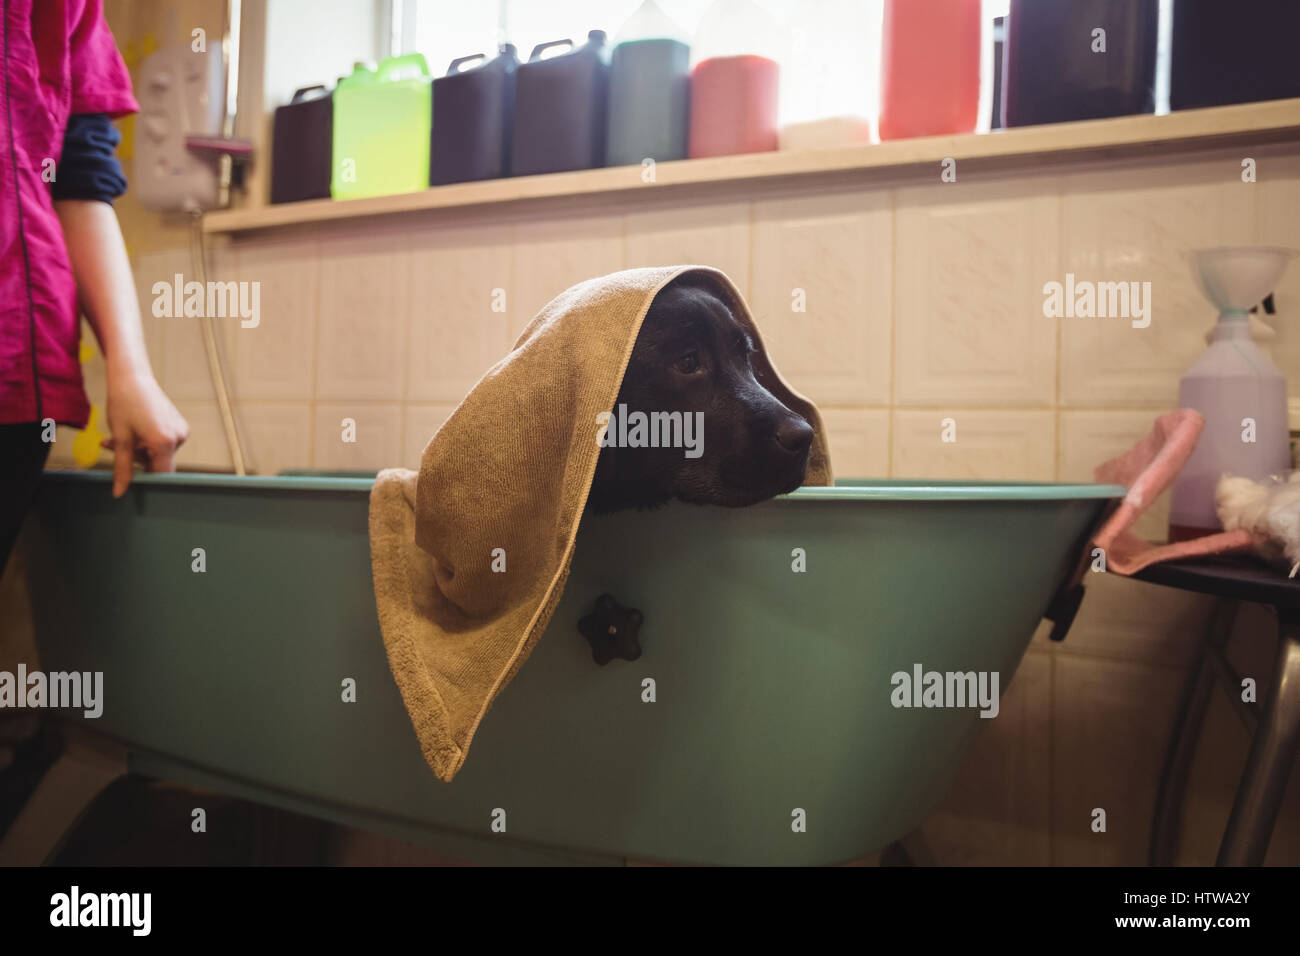 Hund Mit Badetuch In Badewanne Stockfoto Bild 135781043 Alamy